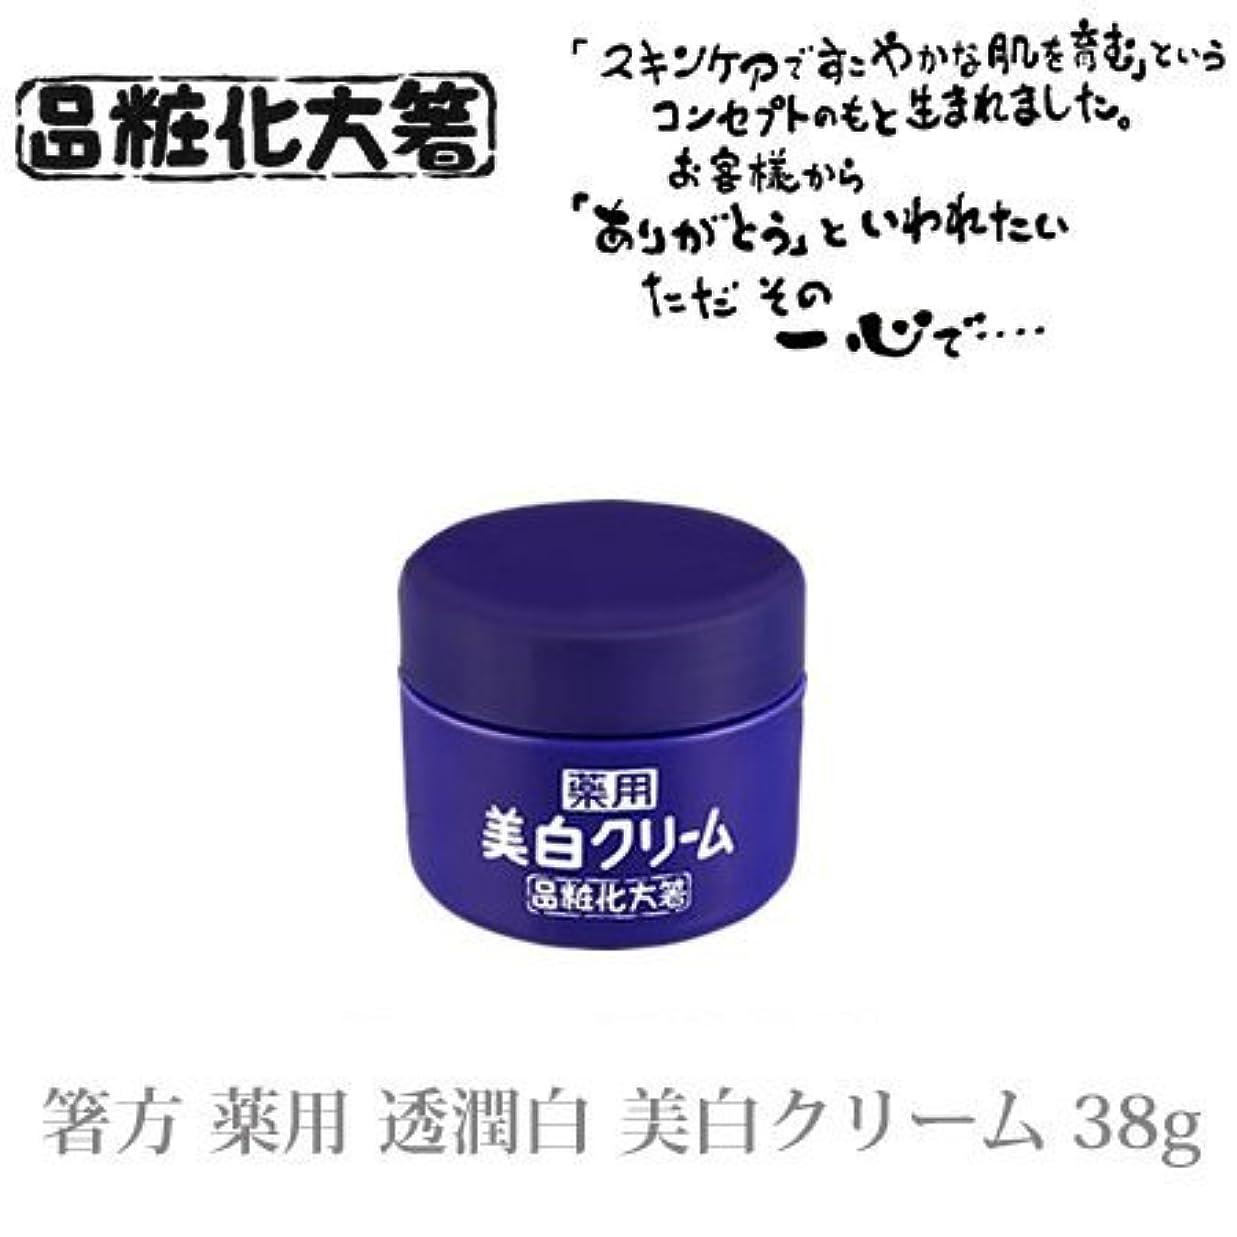 流産シーボードお別れ箸方化粧品 薬用 透潤白 美白クリーム 38g はしかた化粧品